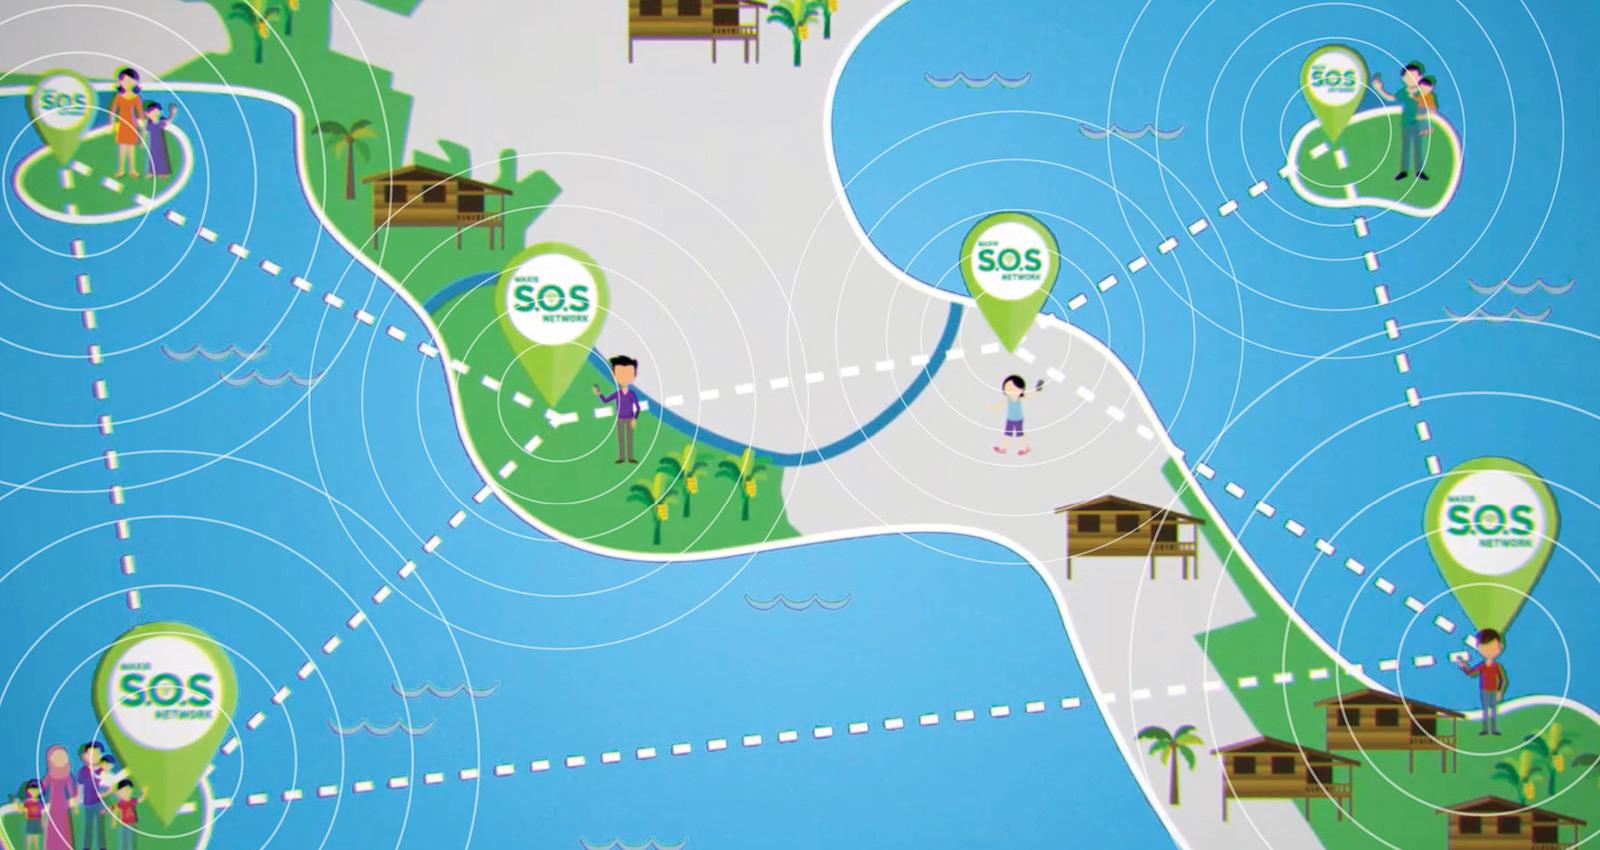 SOS Network